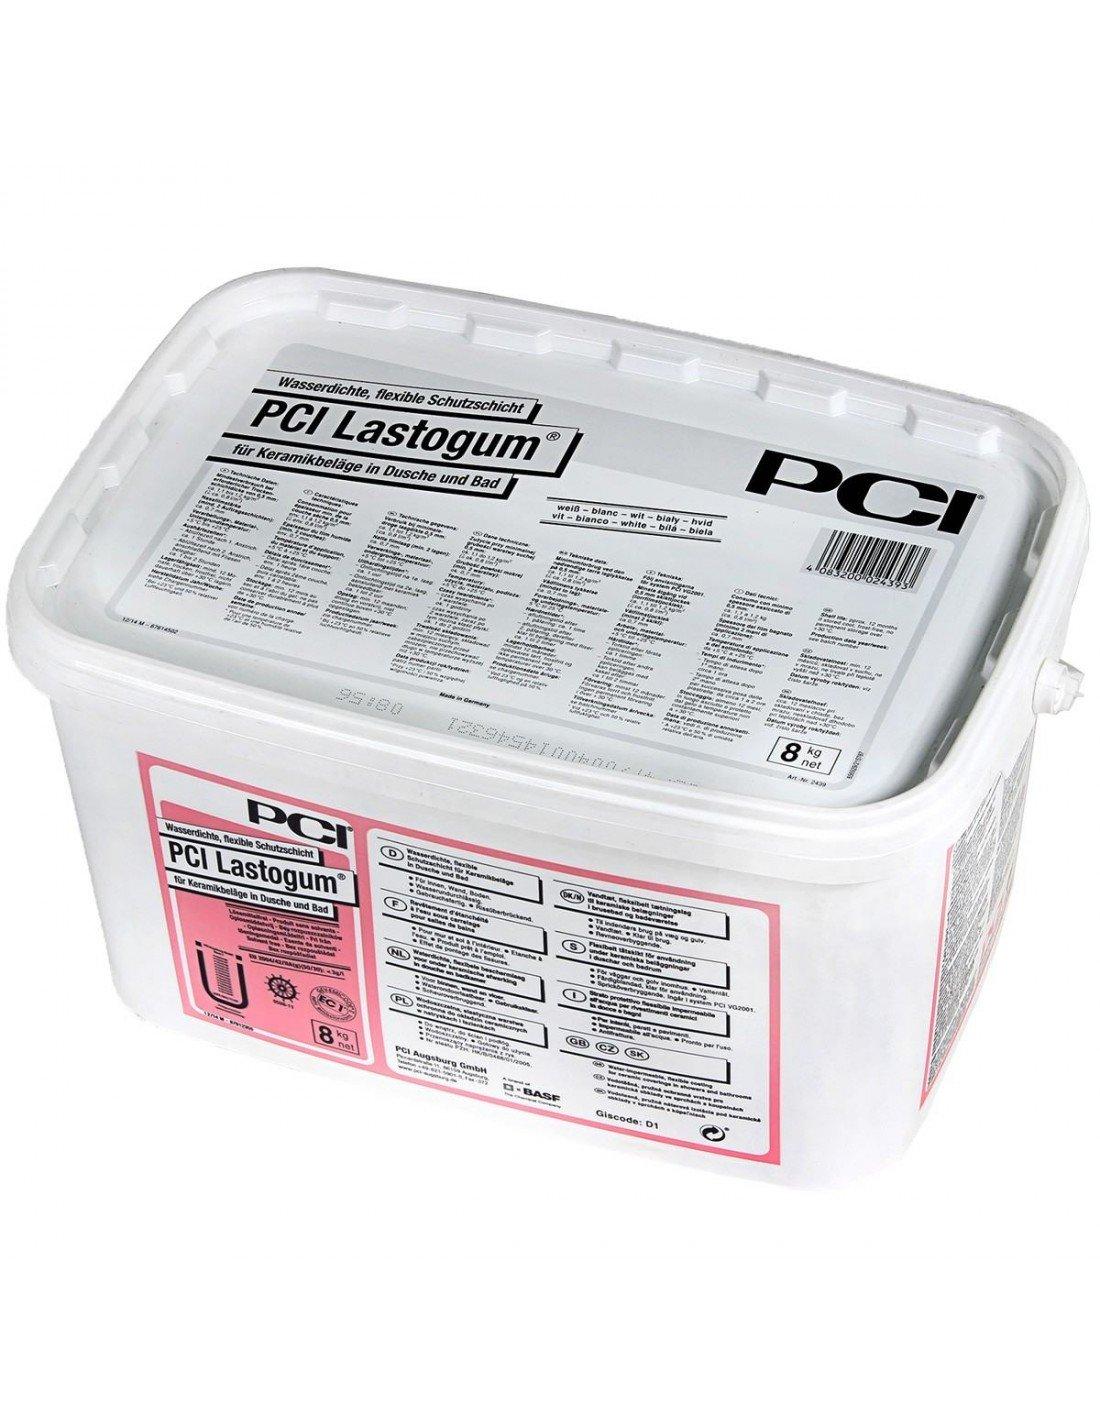 Tanking Liquid Pci Lastogum 8kg White Wet Rooms Design